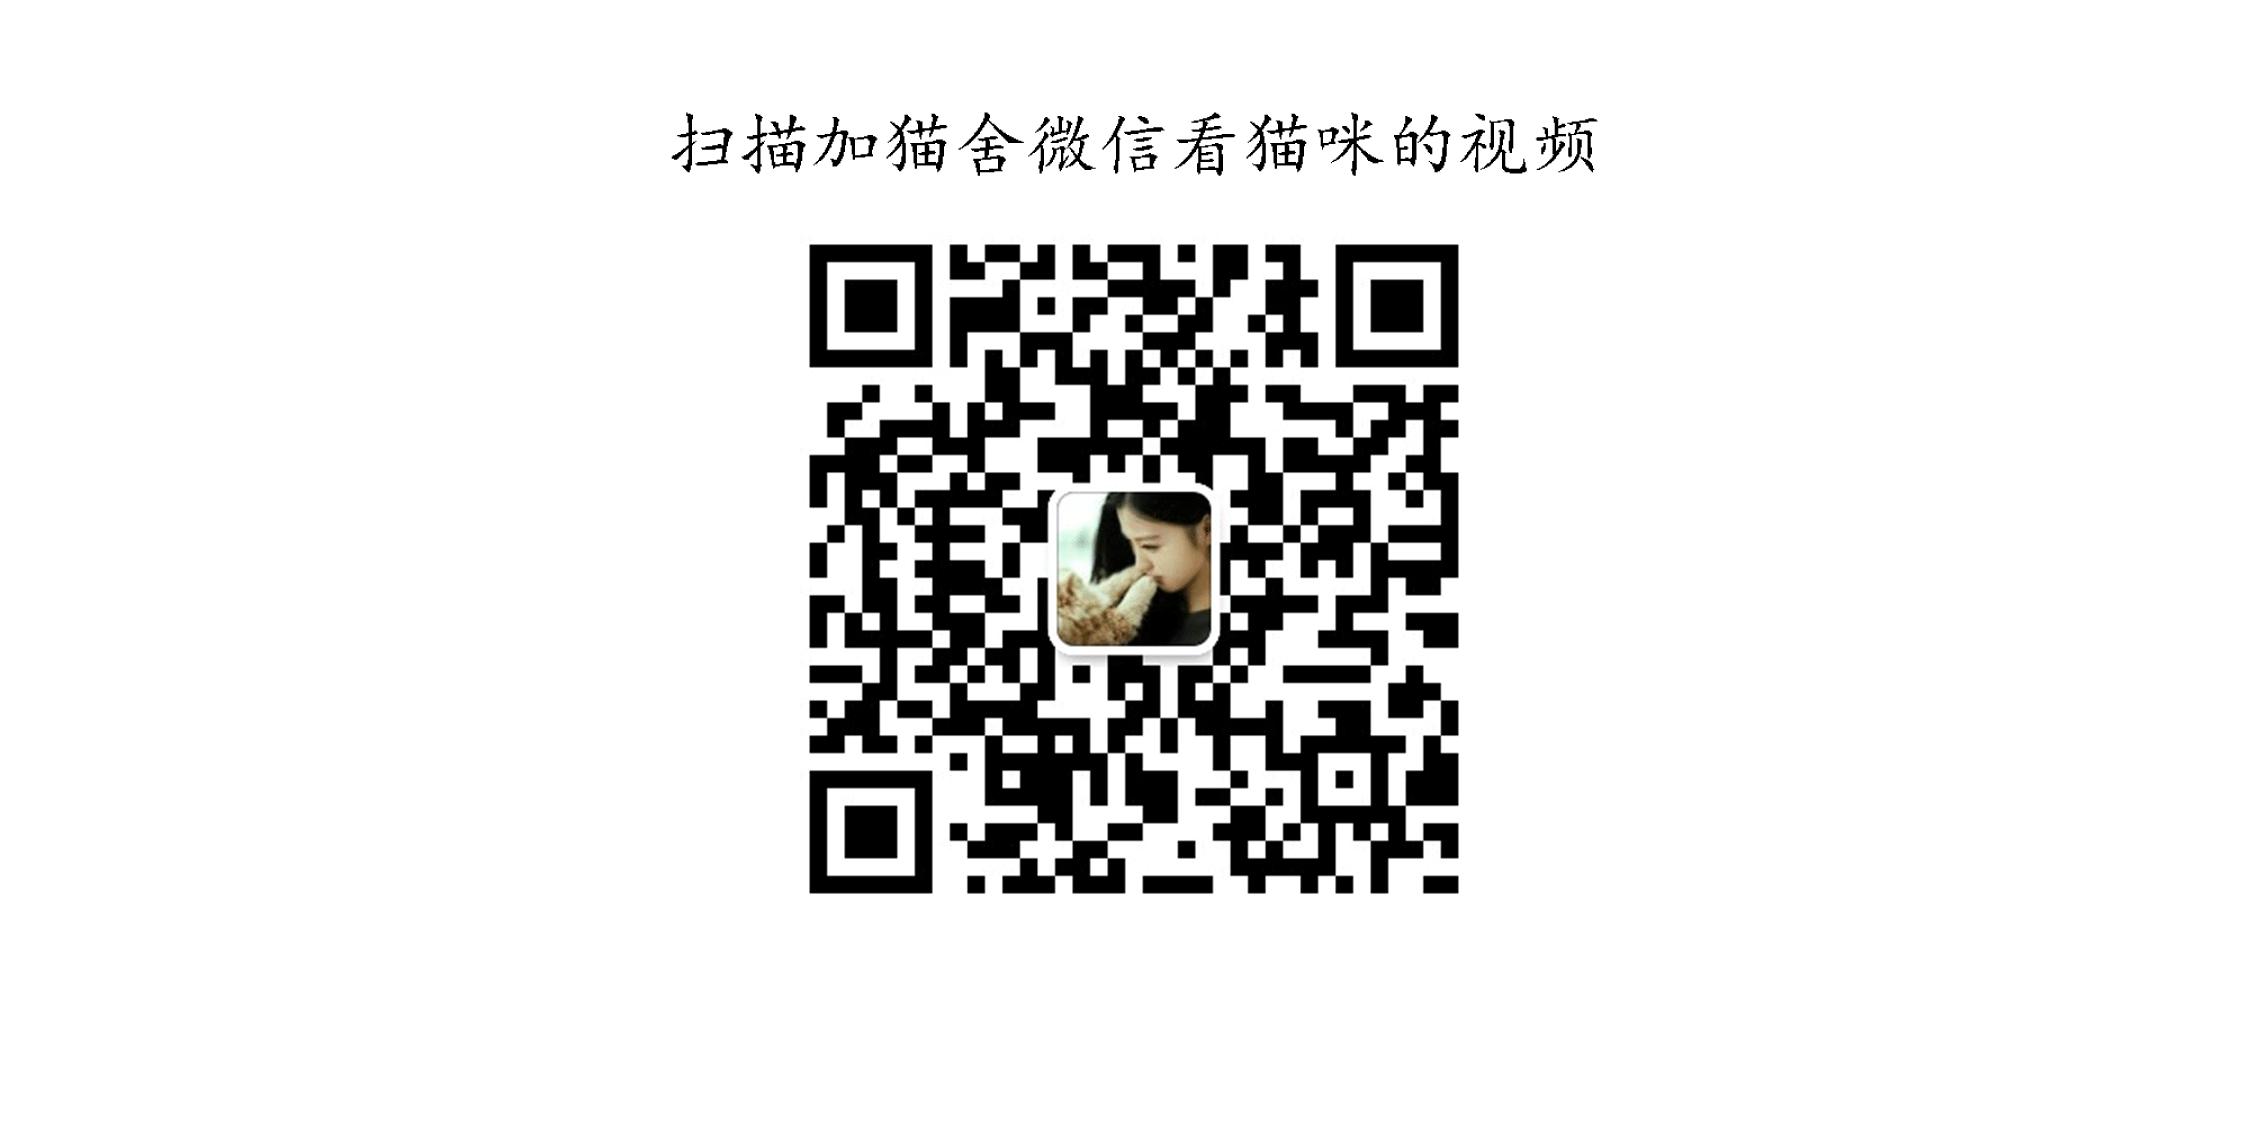 72f182c1b848c96489972df03cf90d02.jpg